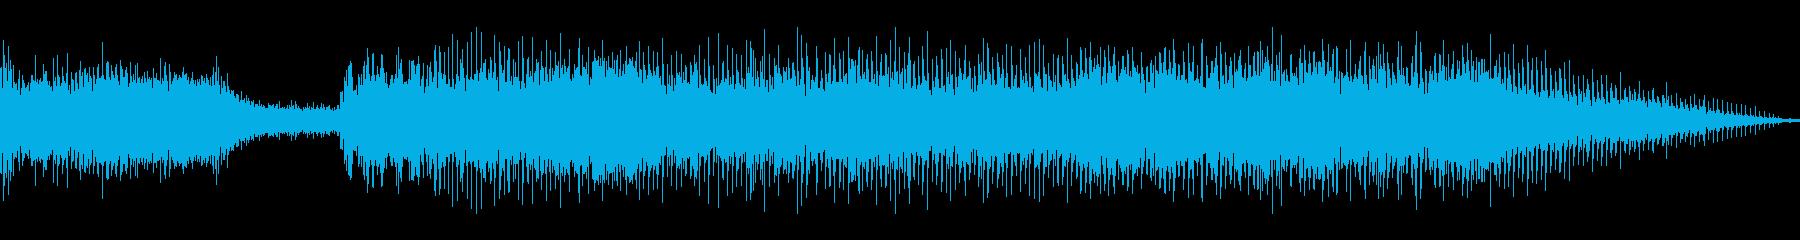 ドリル,電気ドリル,チェーンソー04の再生済みの波形